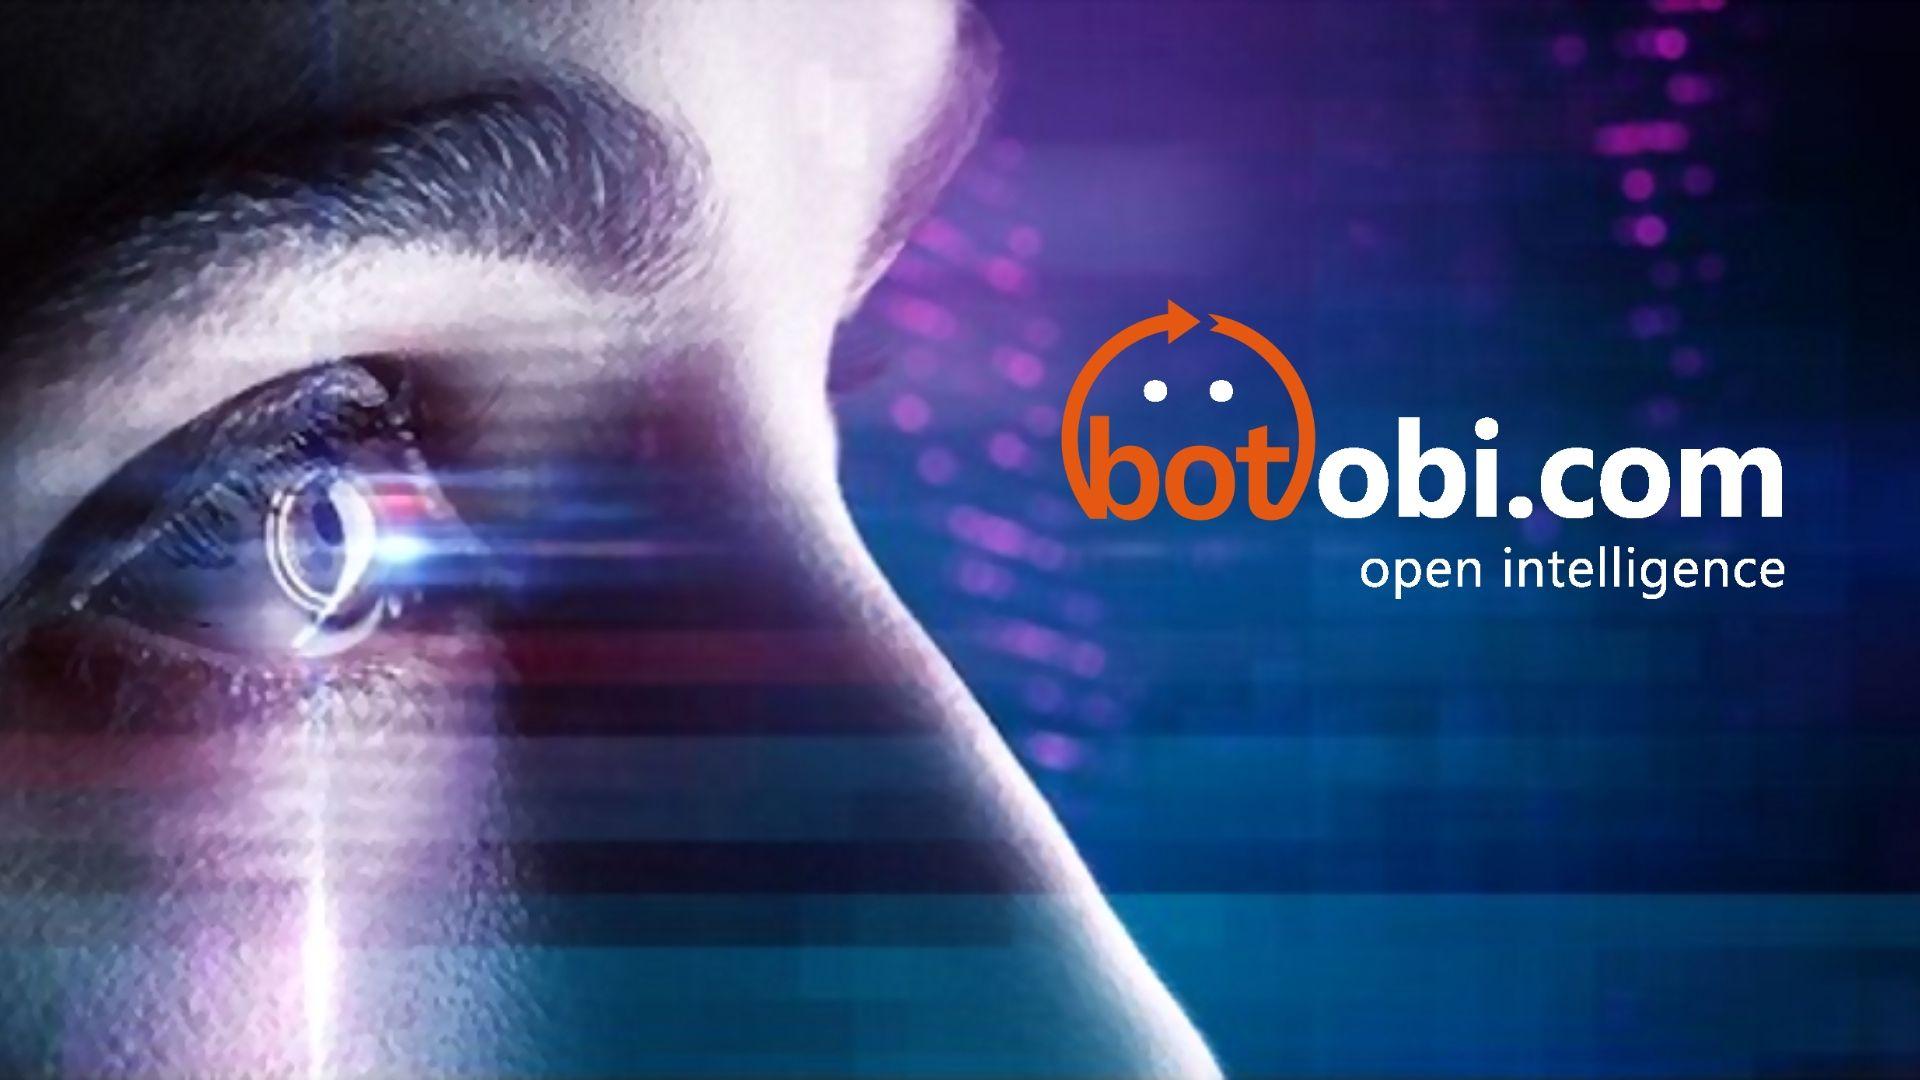 Botobi Contacto chatbot